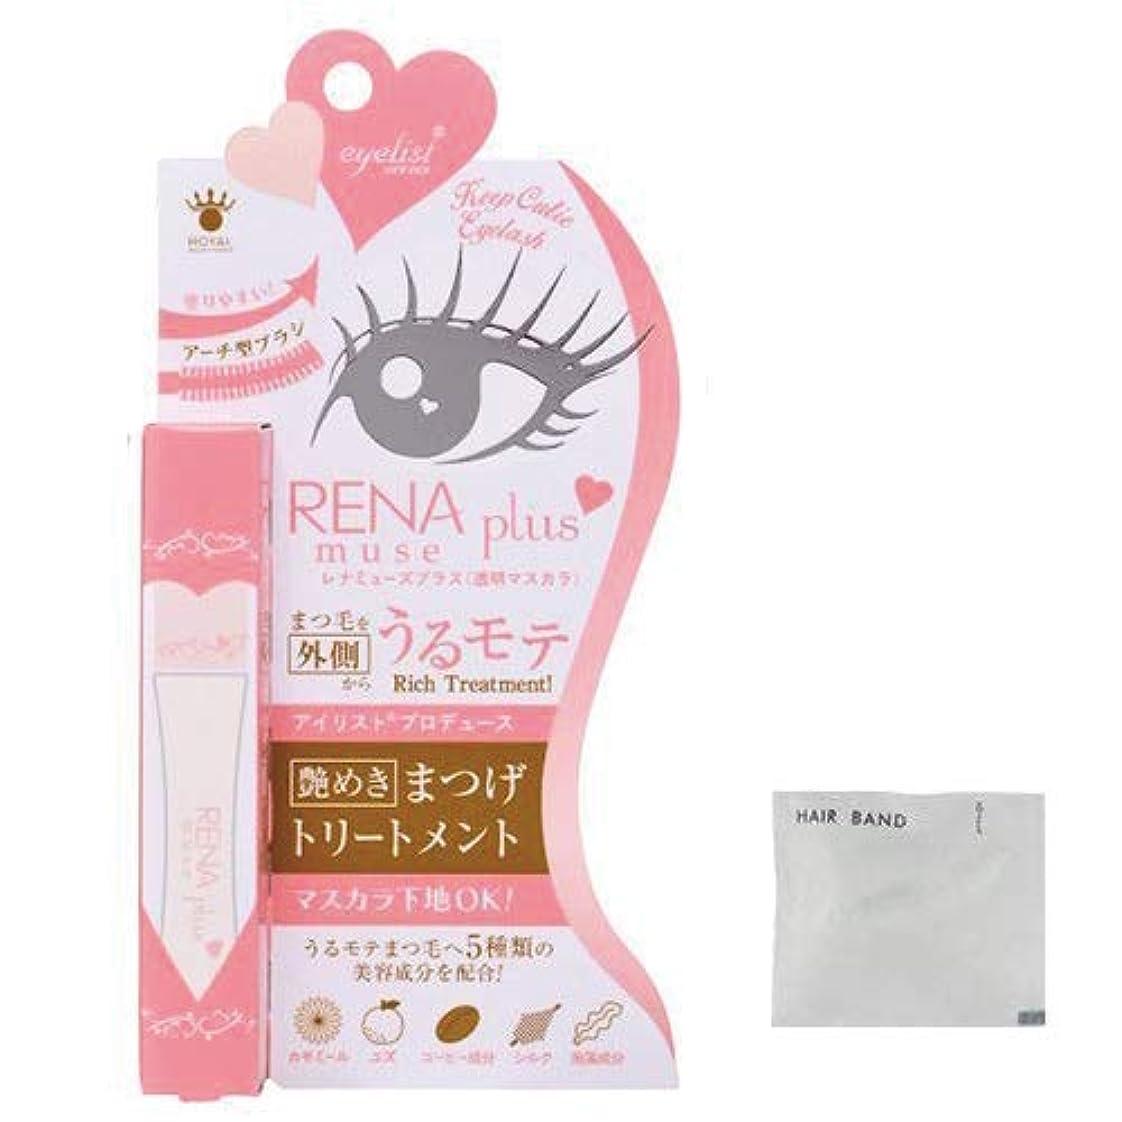 結紮可能ナサニエル区アイリスト(eyelist) RENA muse plus(レナミューズプラス) 8g + ヘアゴム(カラーはおまかせ)セット